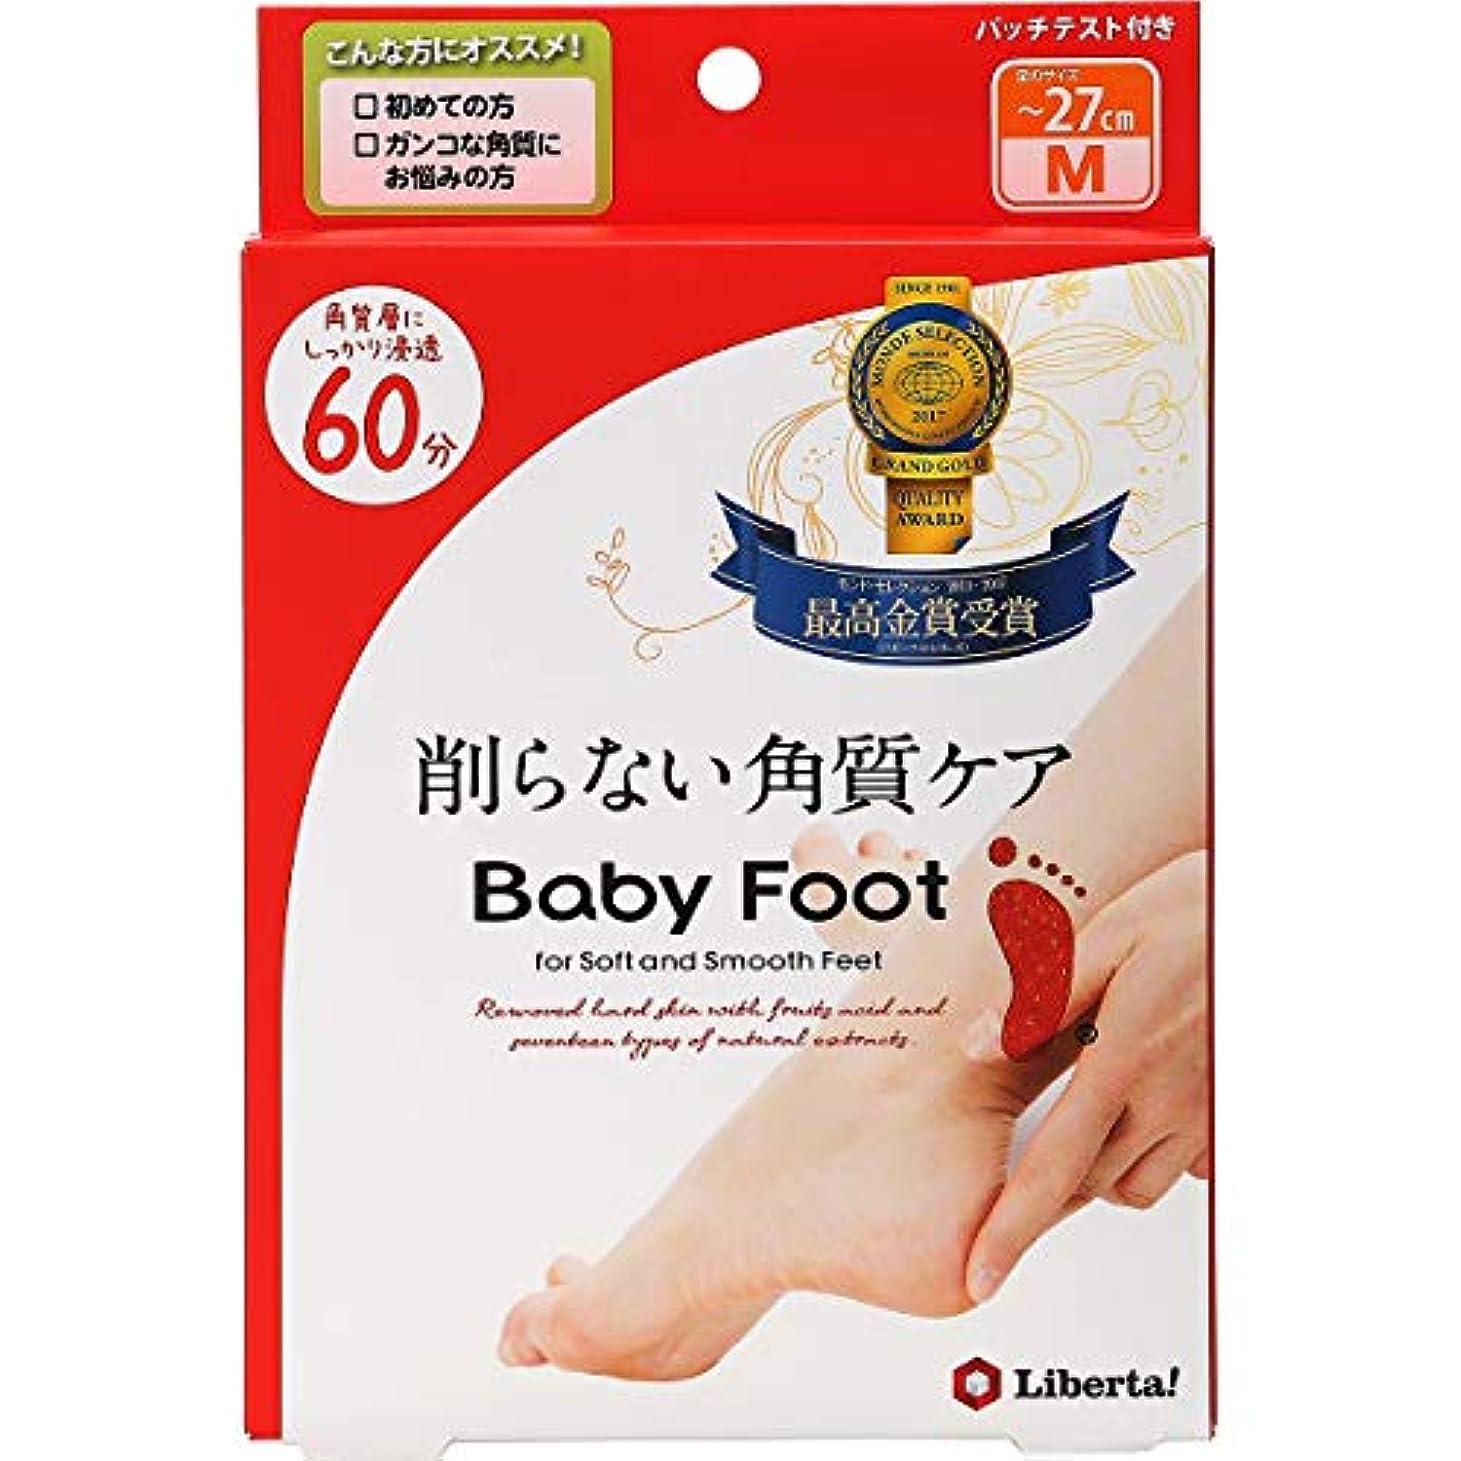 スタウト完璧なコードレスベビーフット (Baby Foot) ベビーフット イージーパック SPT60分タイプ Mサイズ 単品